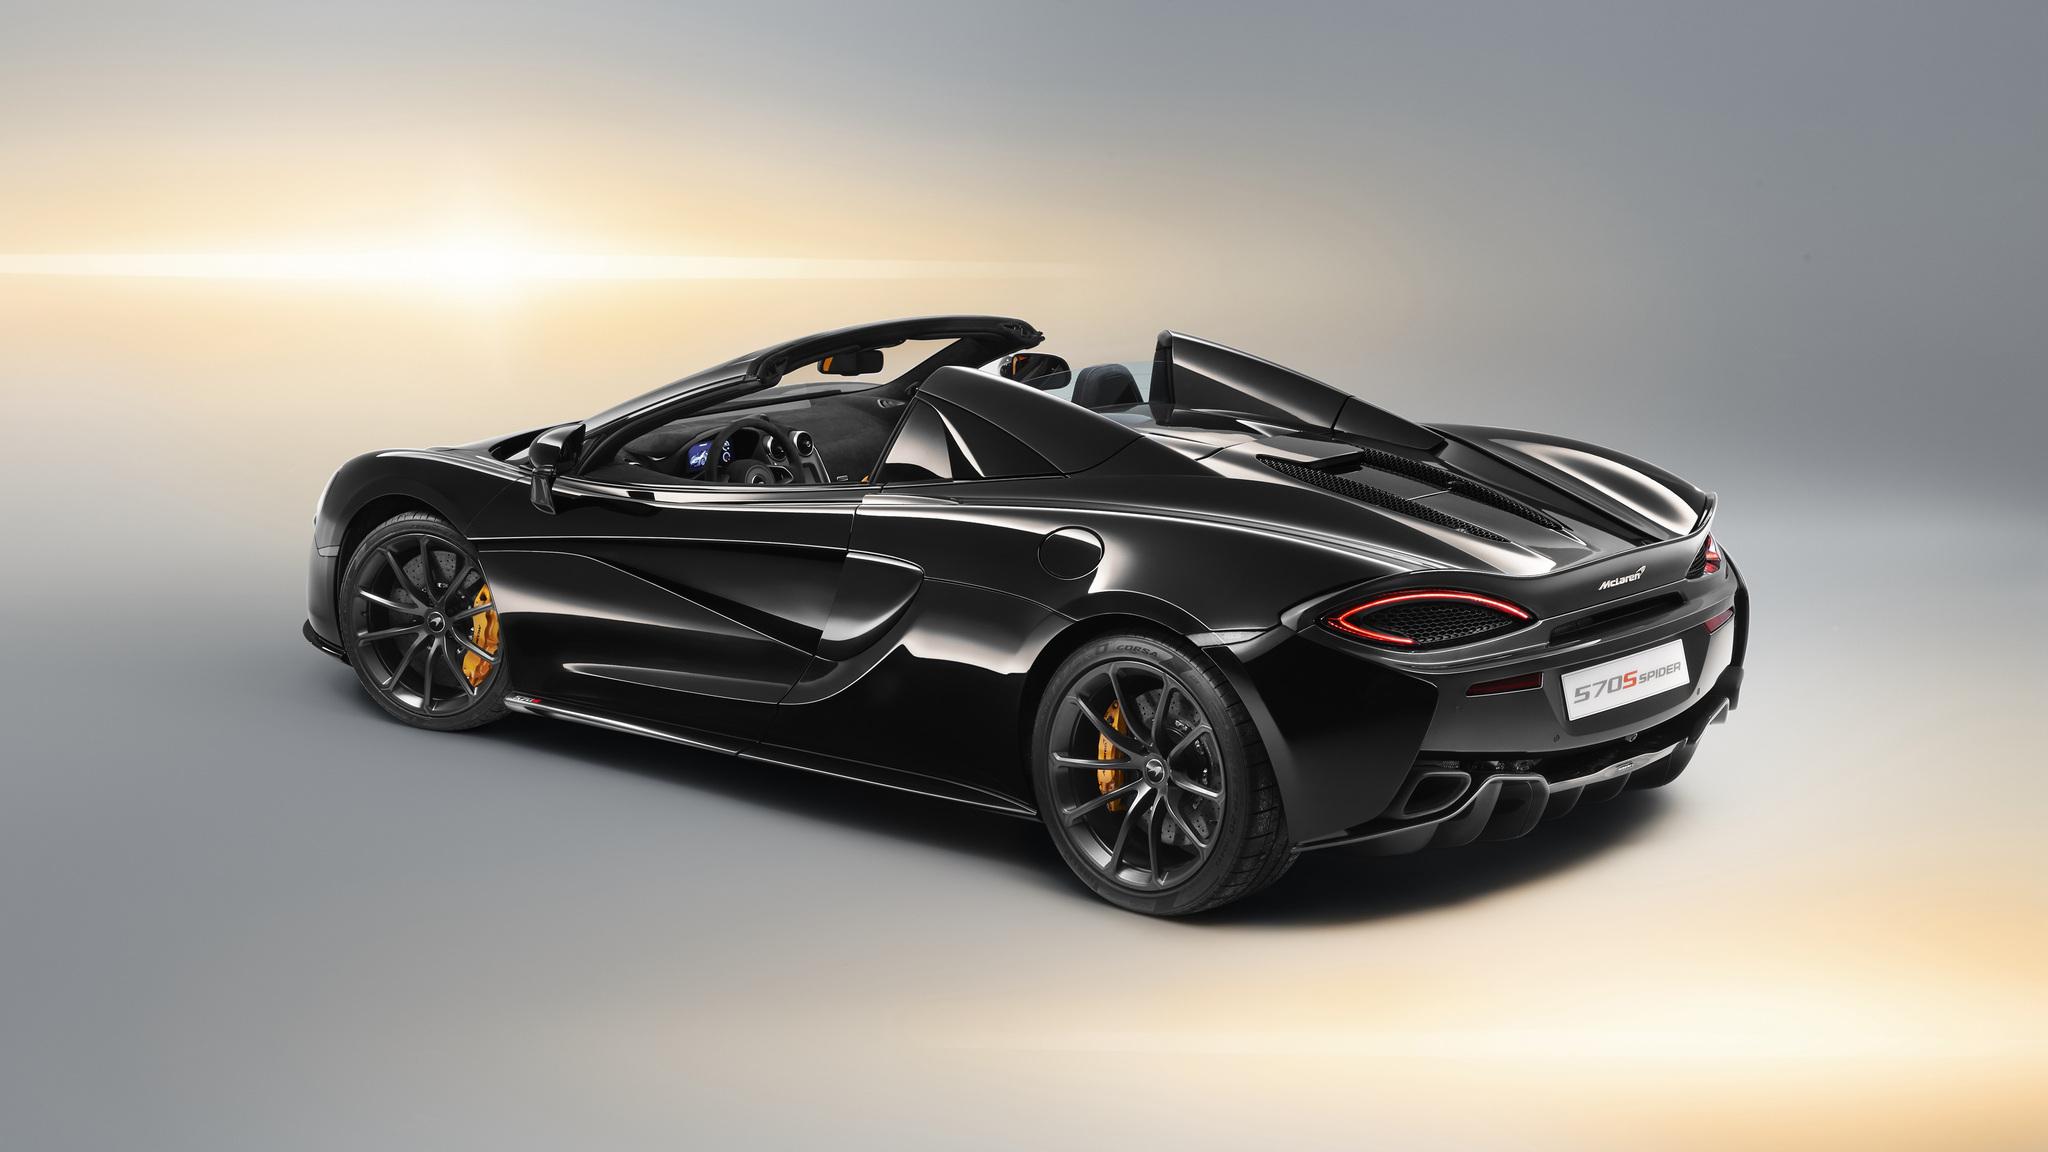 mclaren-570s-spider-design-edition-2018-rear-cz.jpg